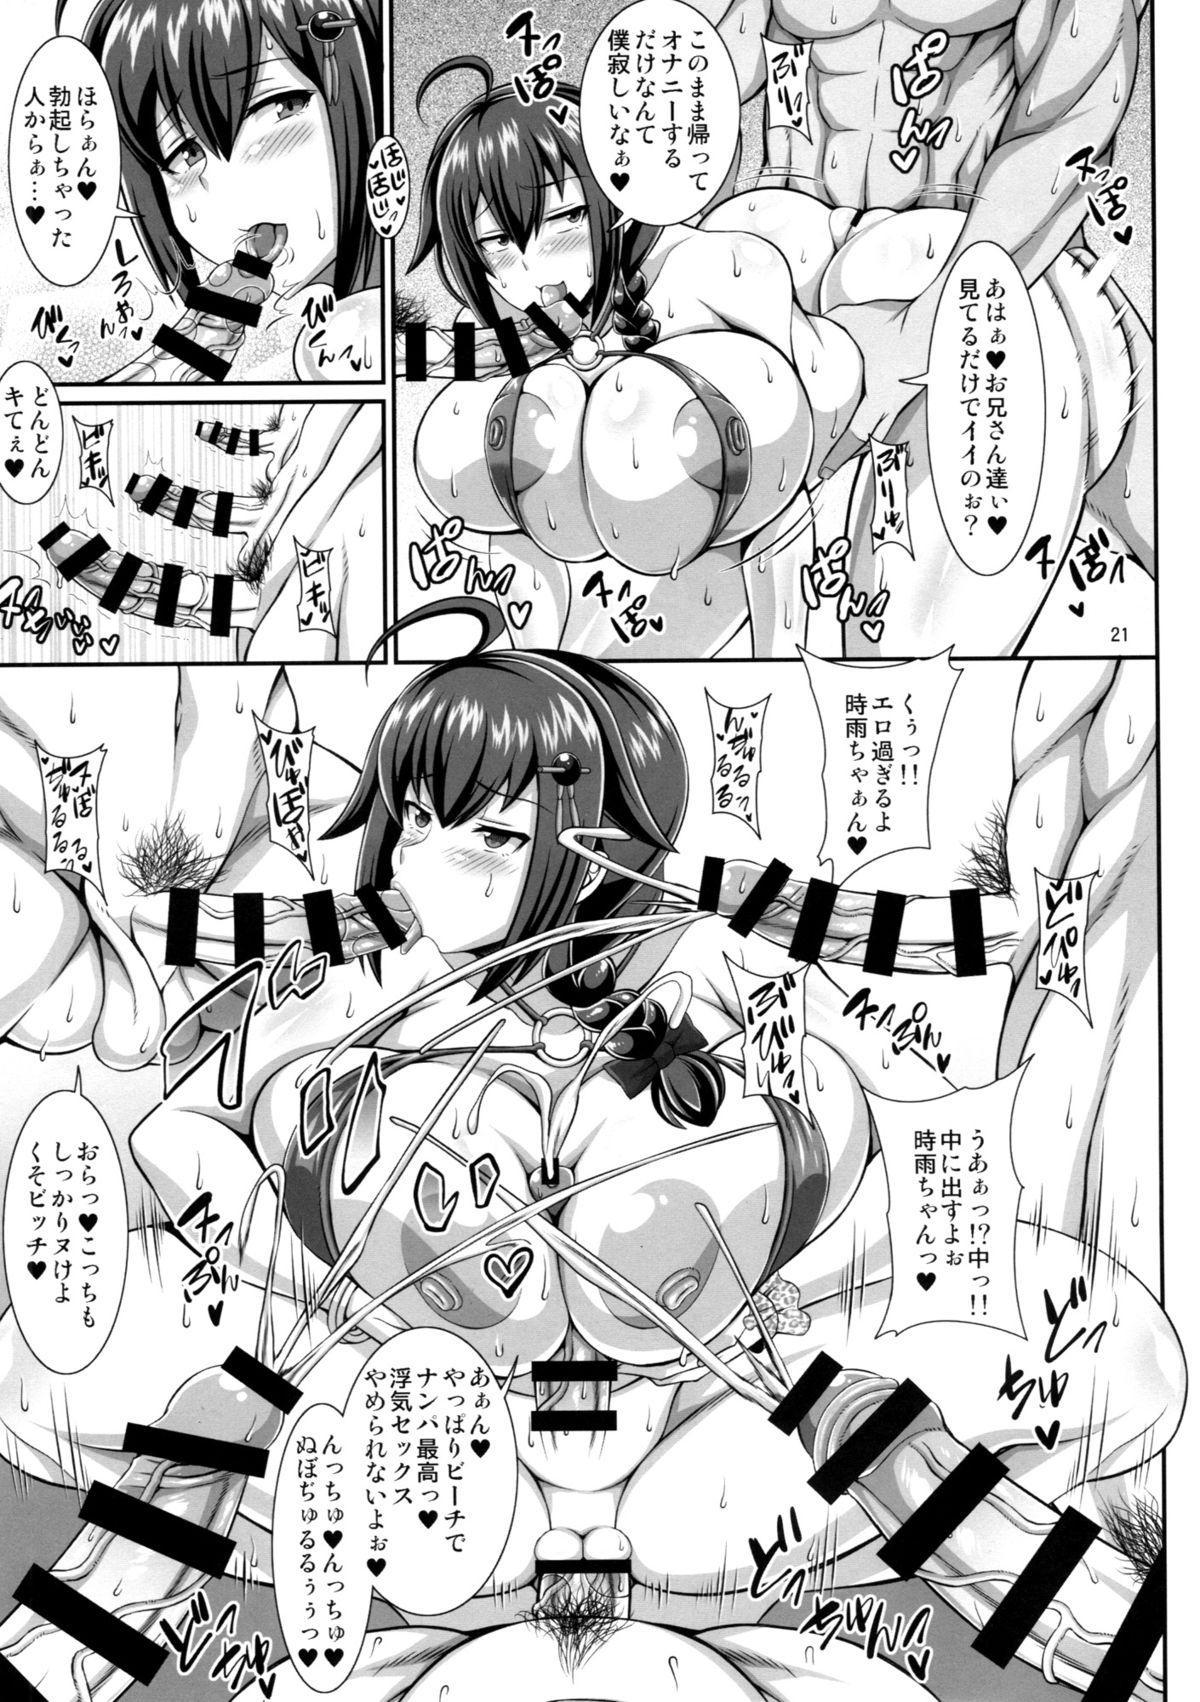 Summer Shigure 18